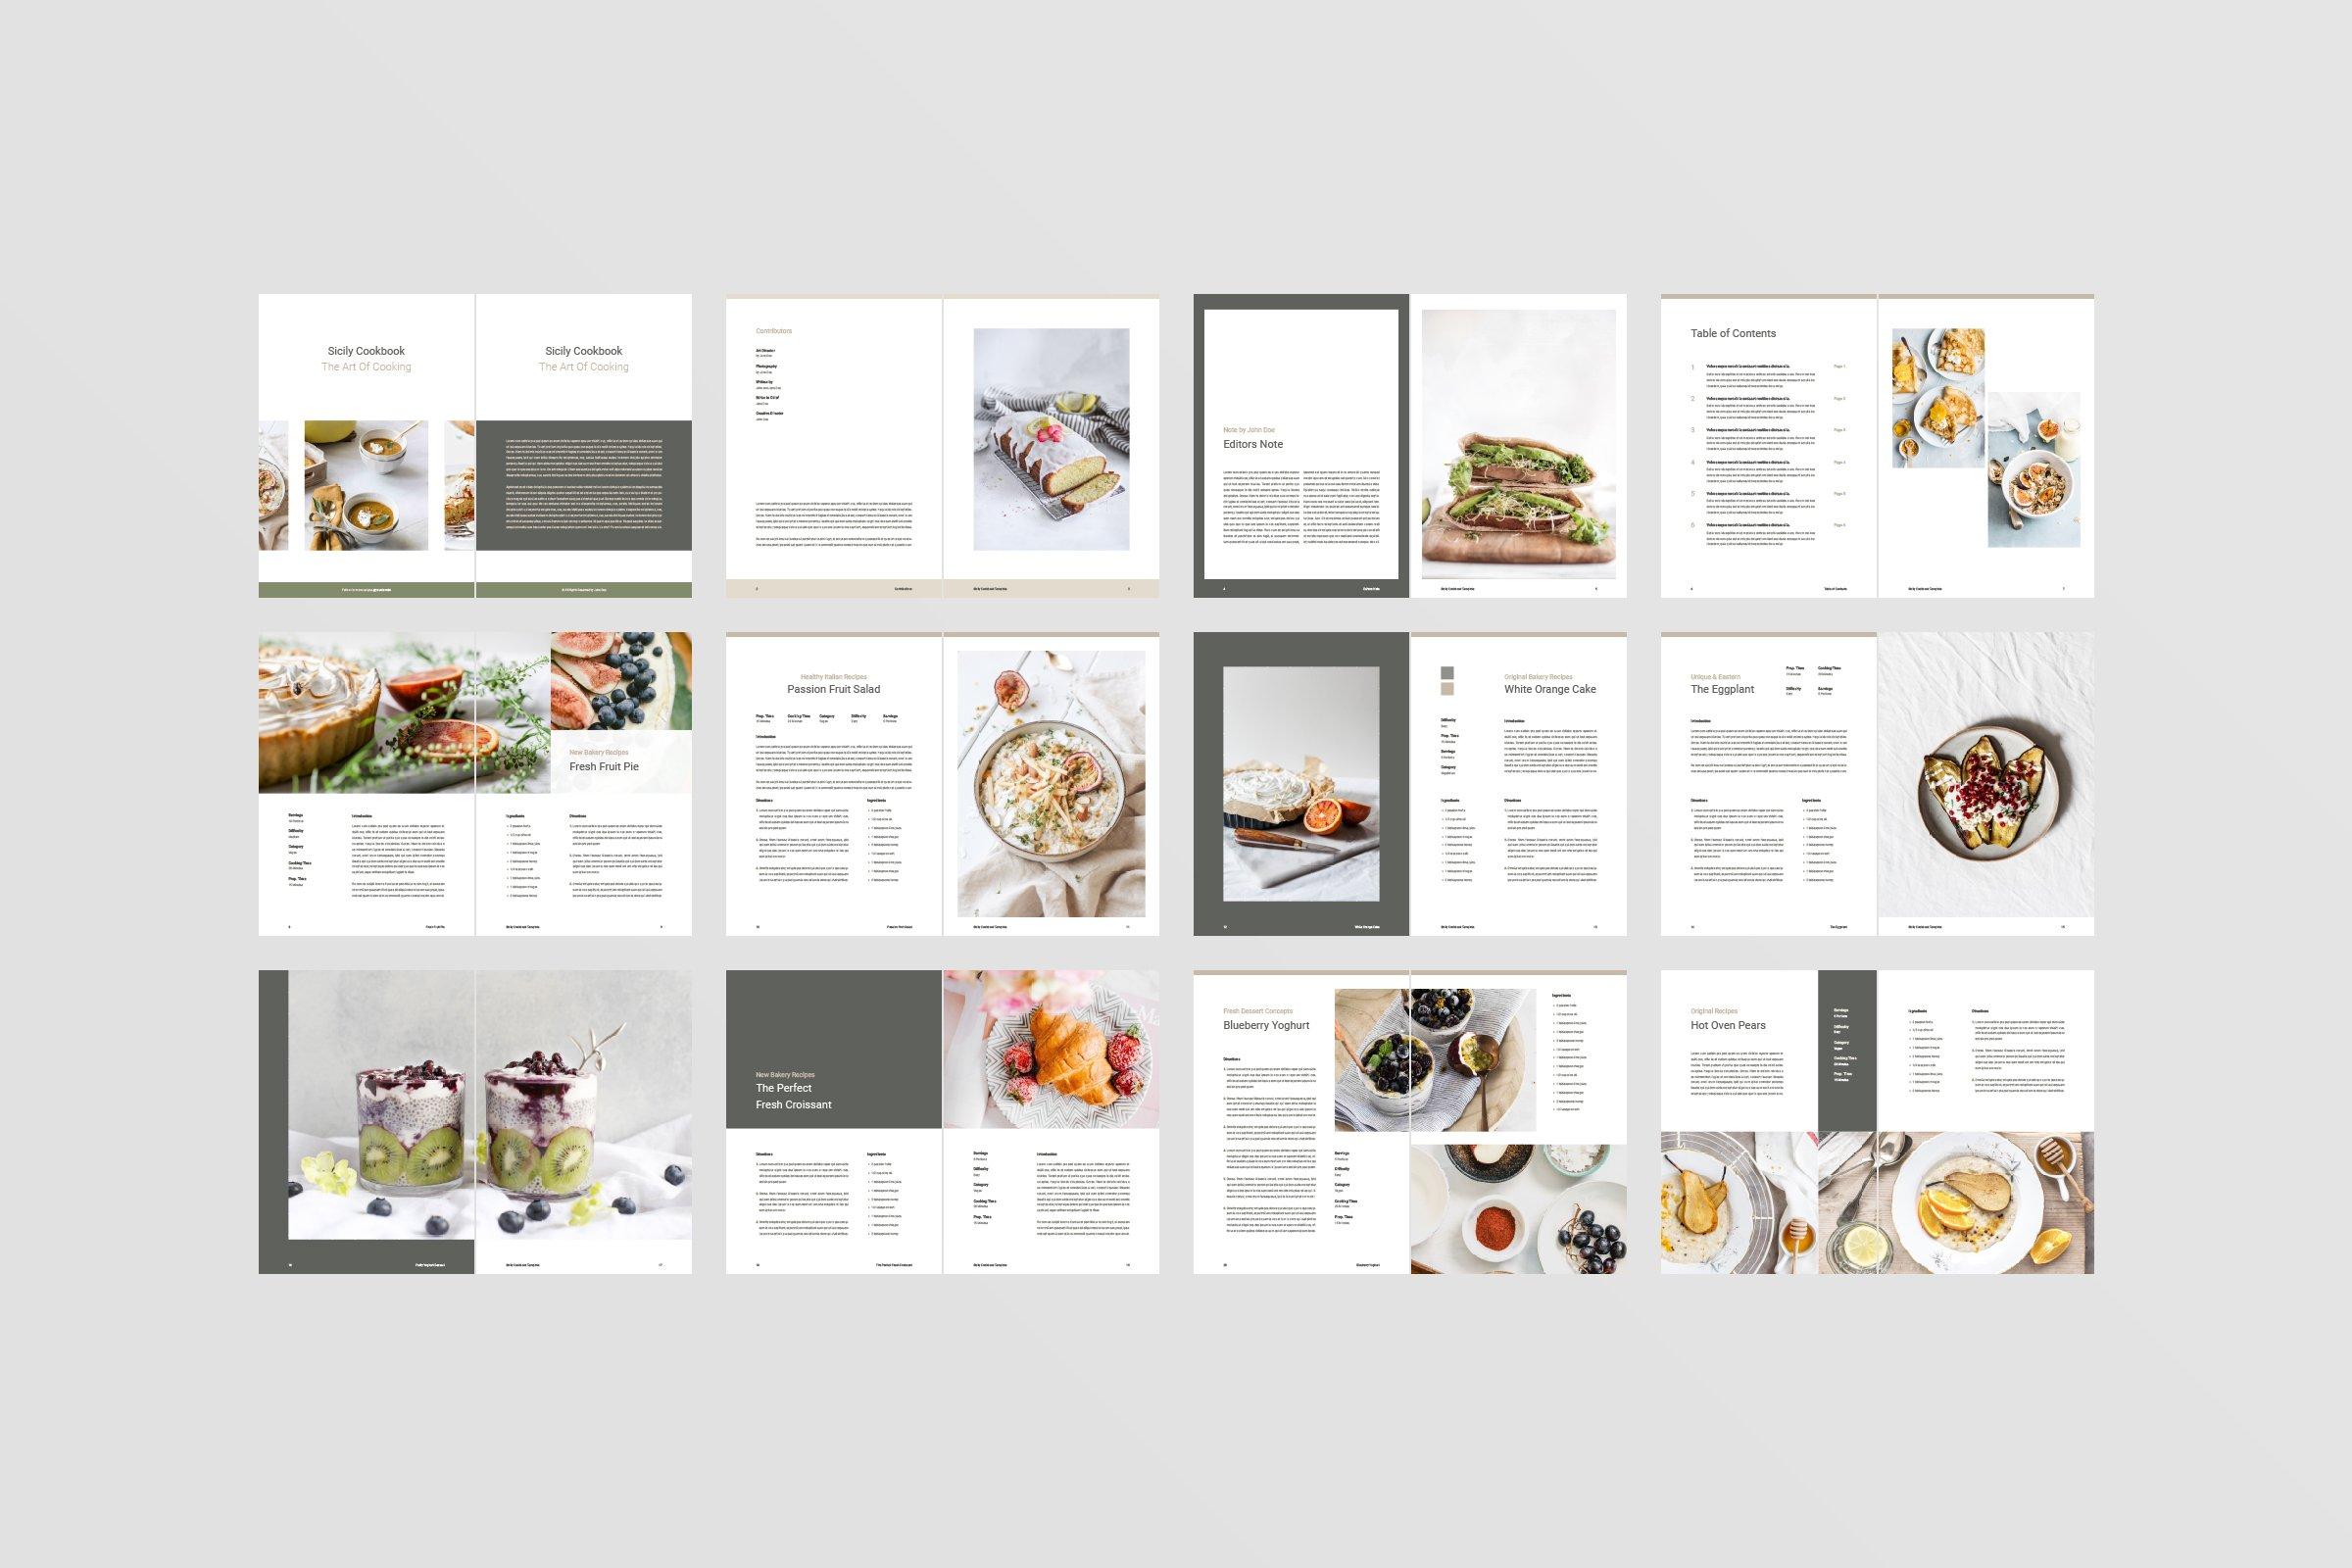 欧美菜单画册集模板 Sicily Cookbook